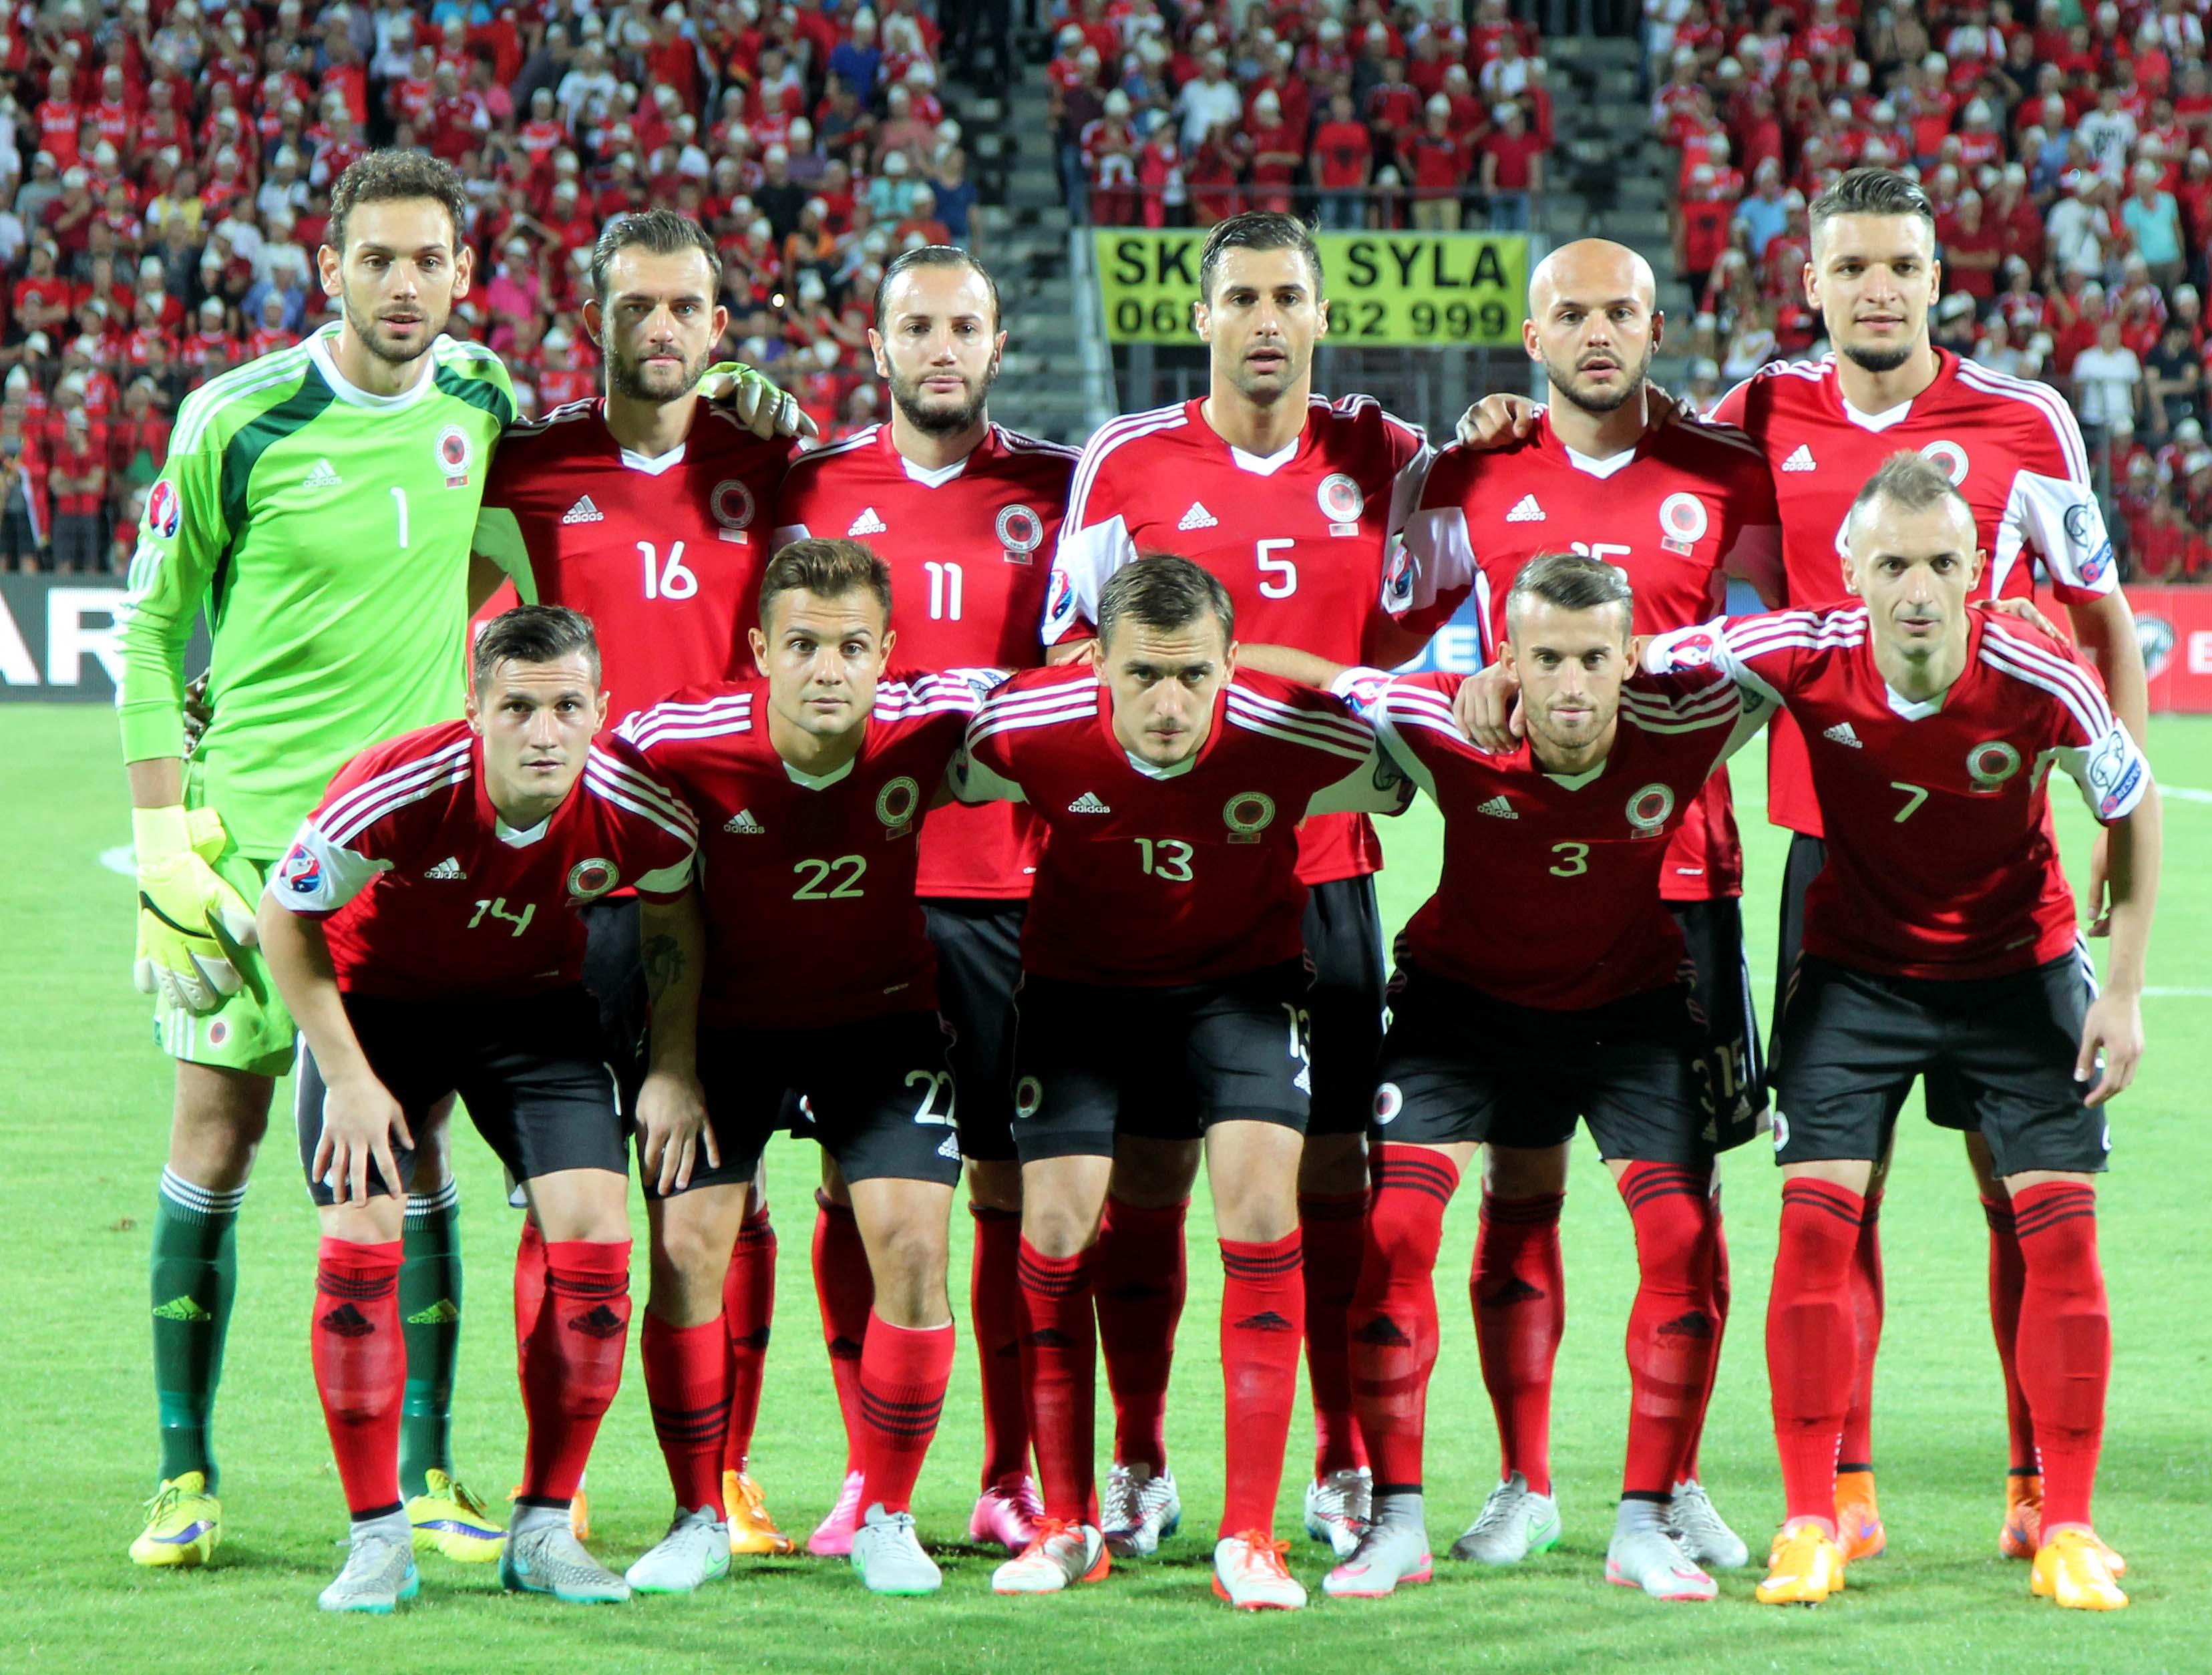 Fonte: Federata Shqiptare E Futbollit, sito ufficiale Nazionale albanese